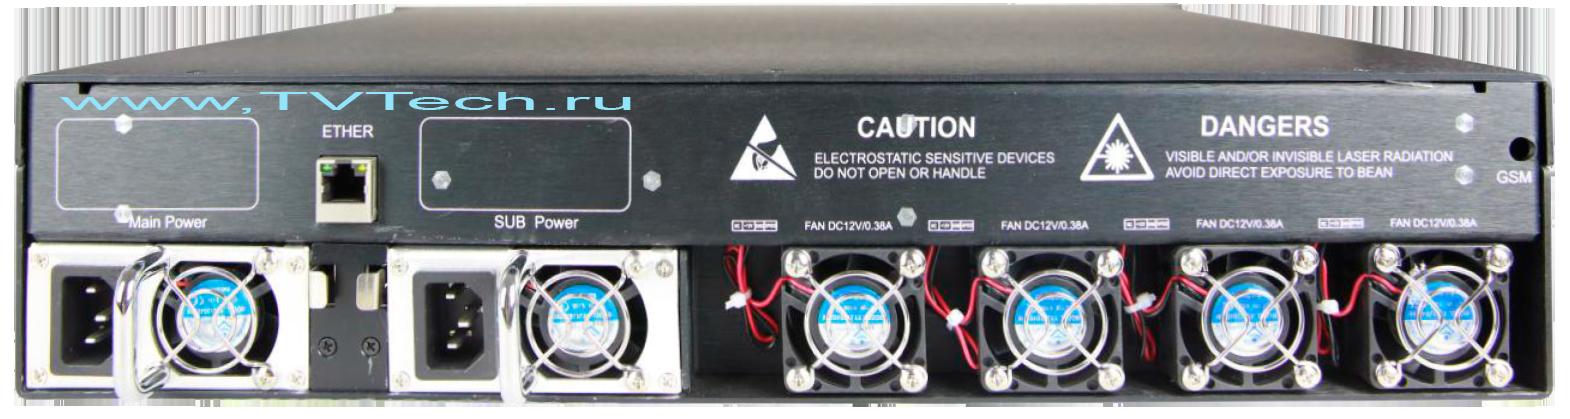 Вид сзади EDFA 64x22 дБм оптический усилитель OA1550